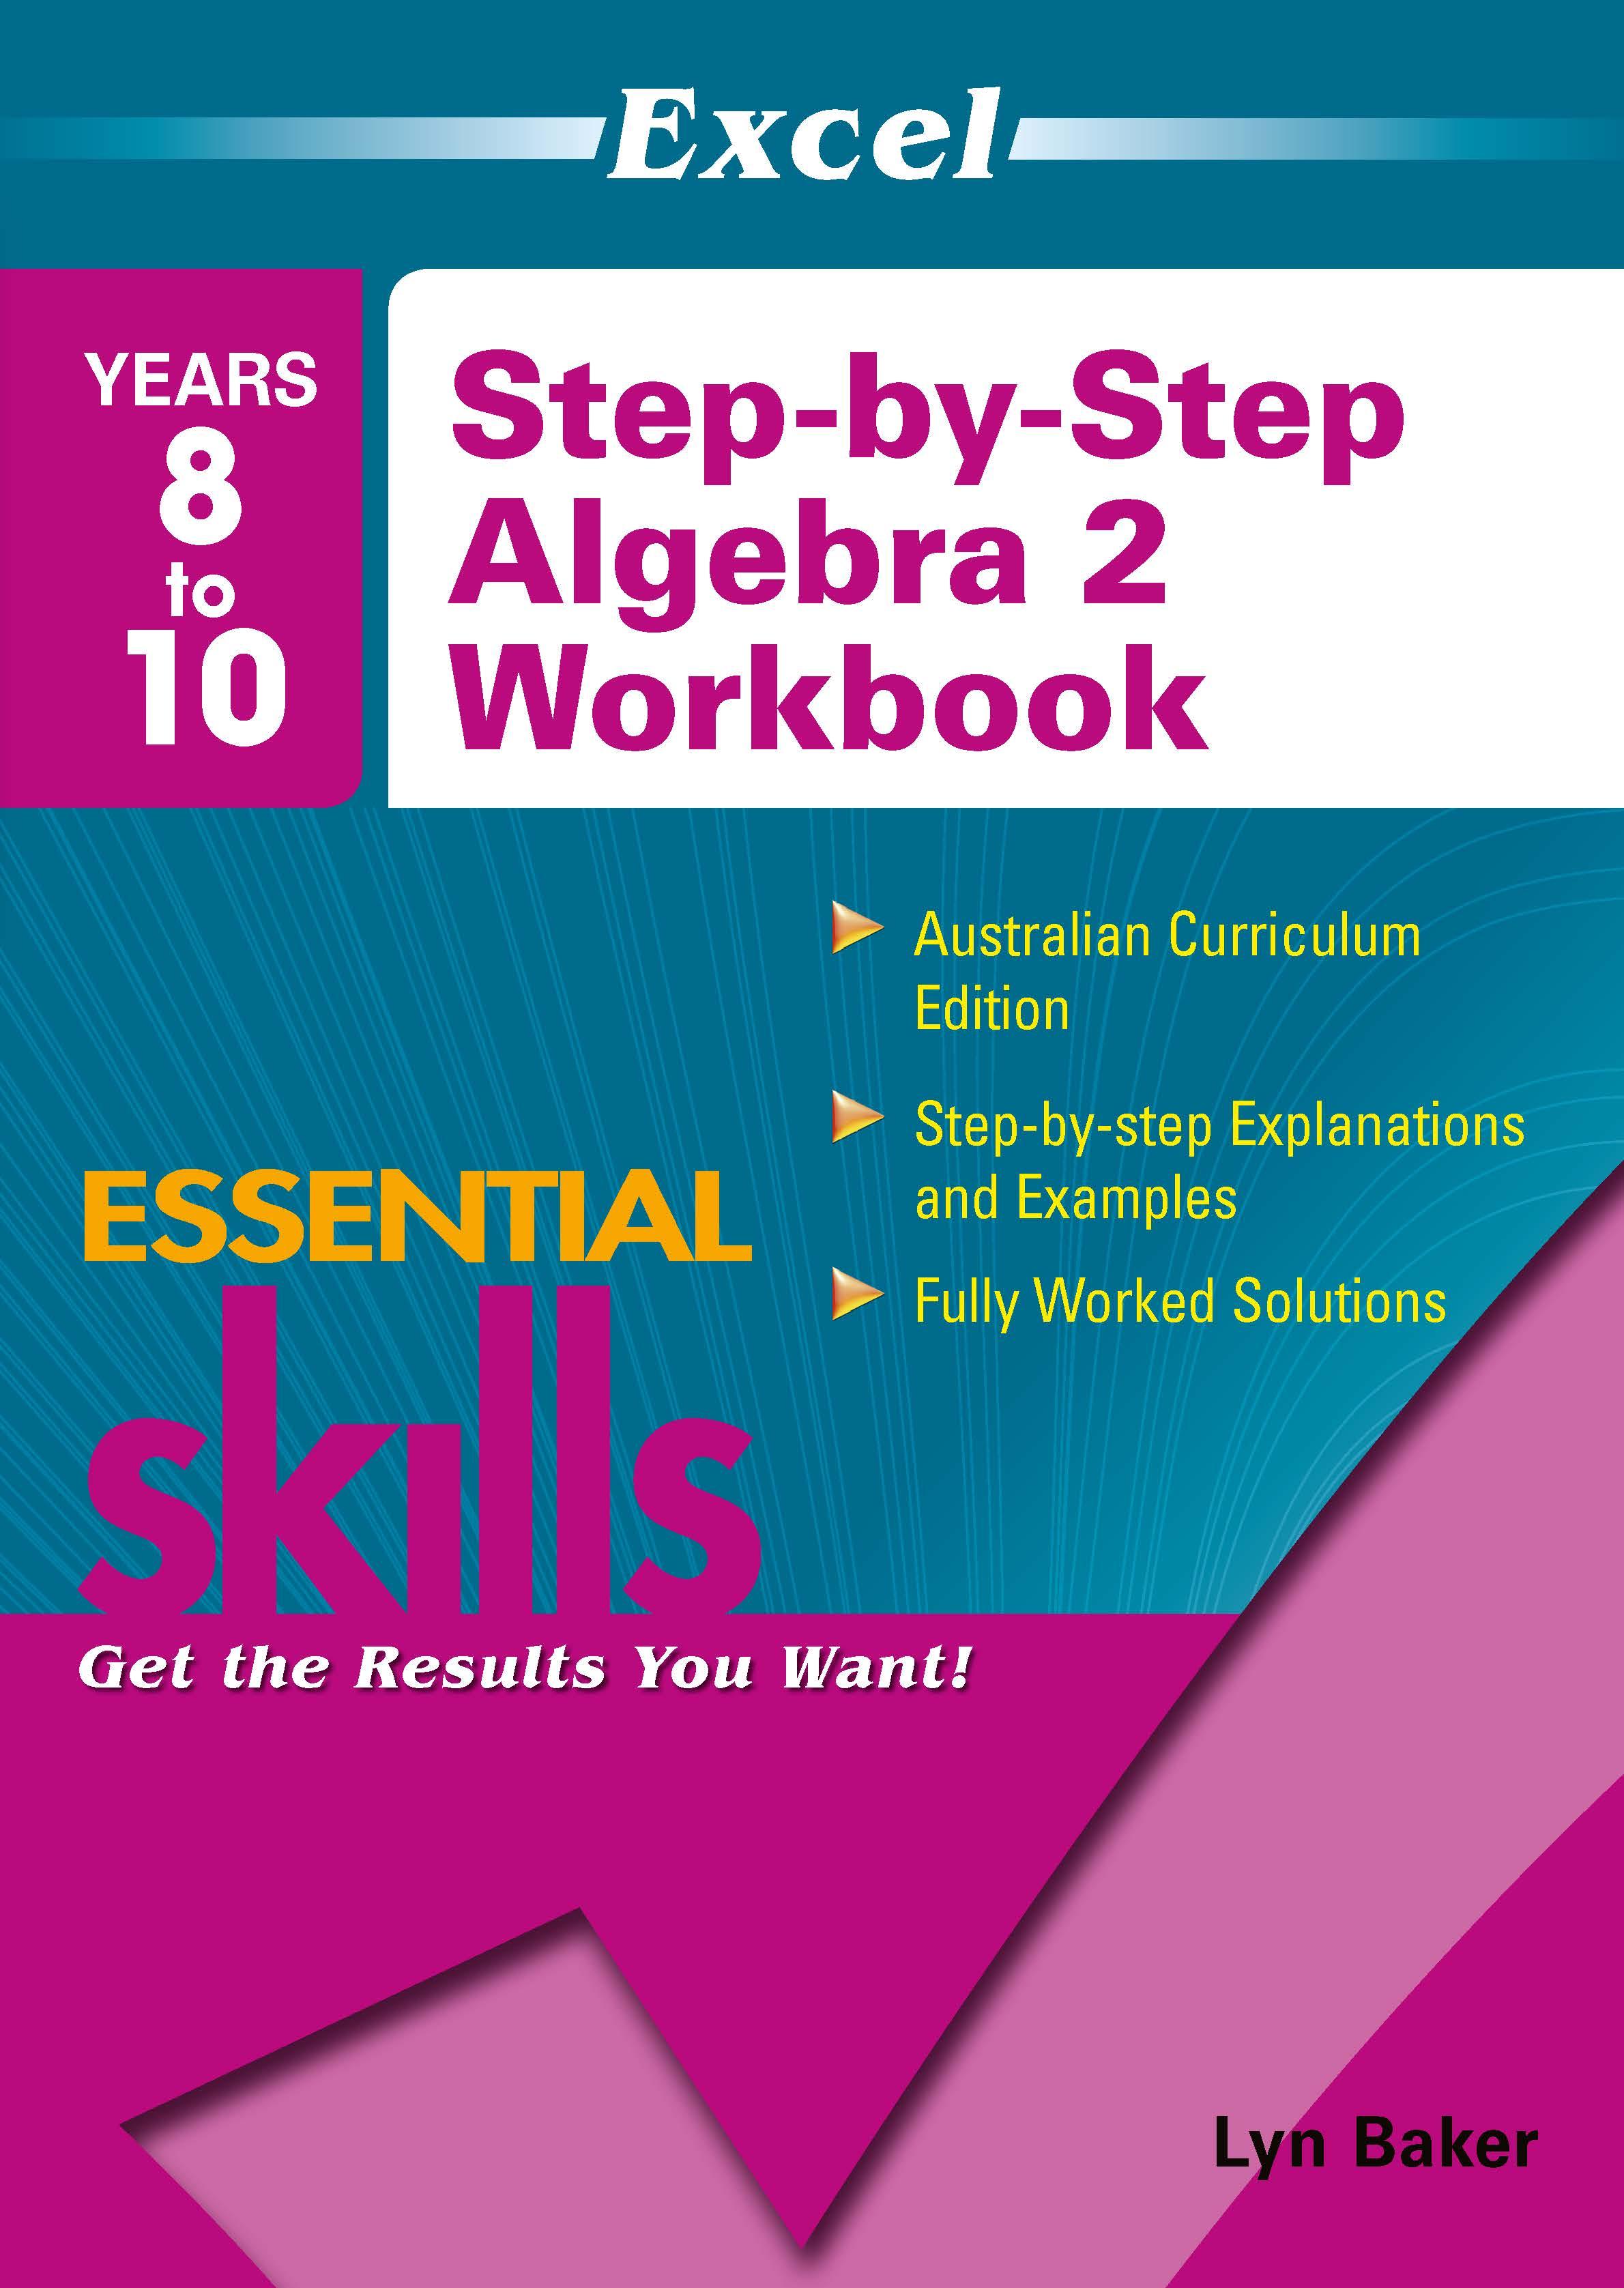 Excel Essential Skills: Step-by-Step Algebra 2 Workbook Years 8-10